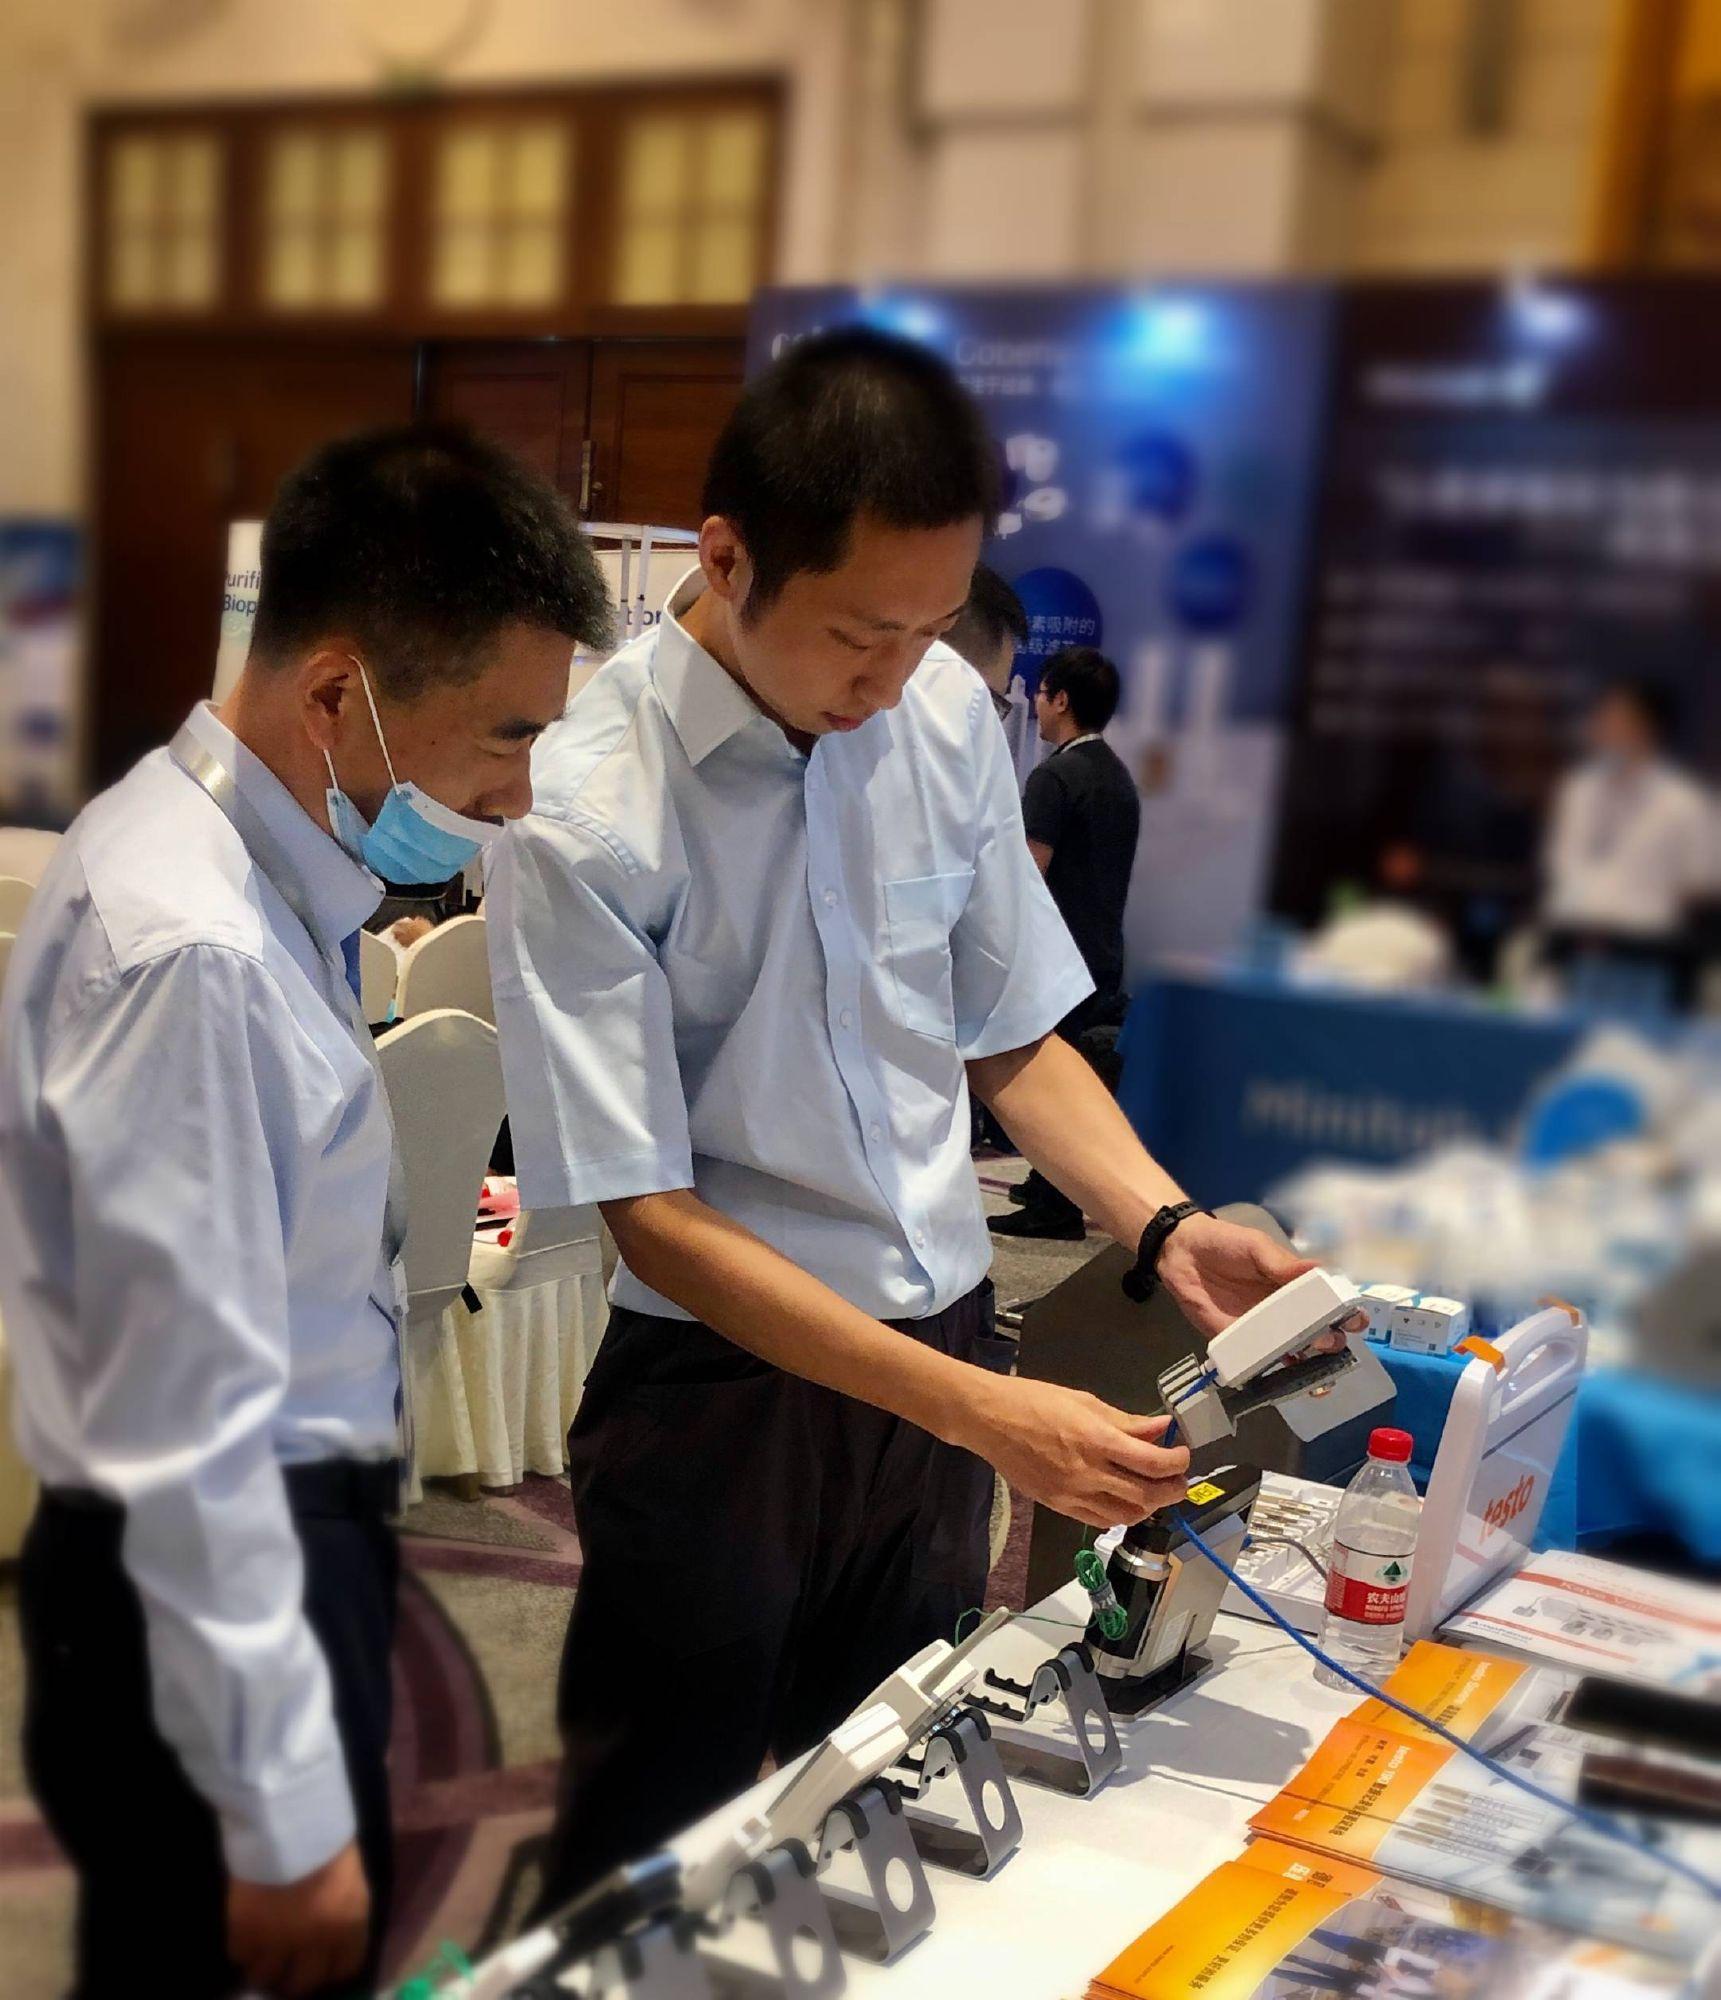 CN_20200904_Pharma_Mapping_event_BJ03.jpg